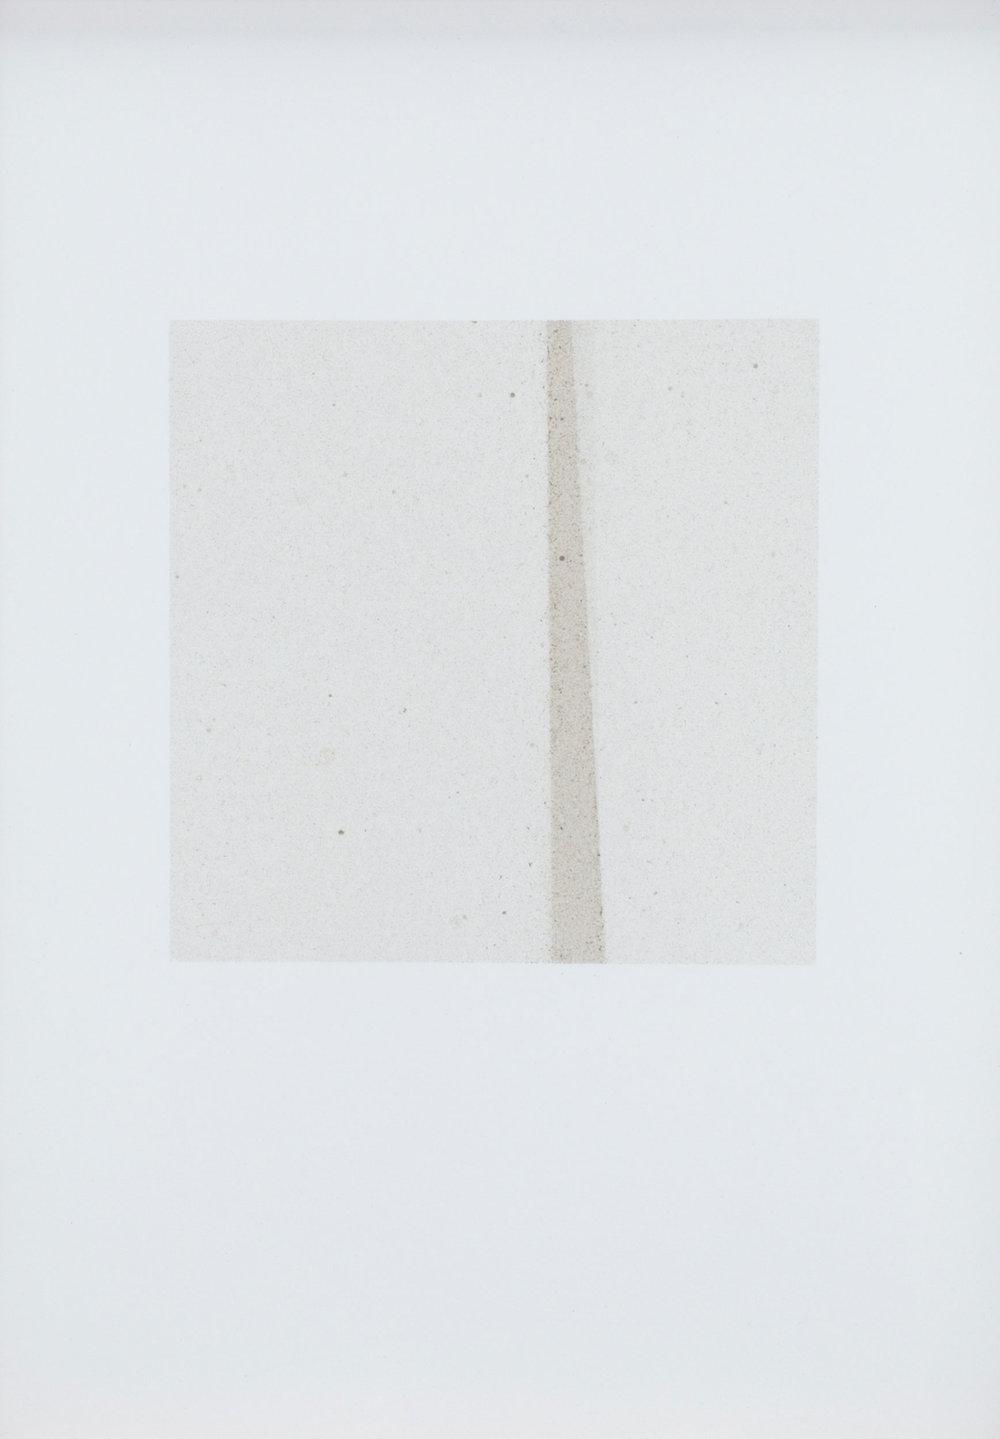 Vertical_Horizon-2.jpg